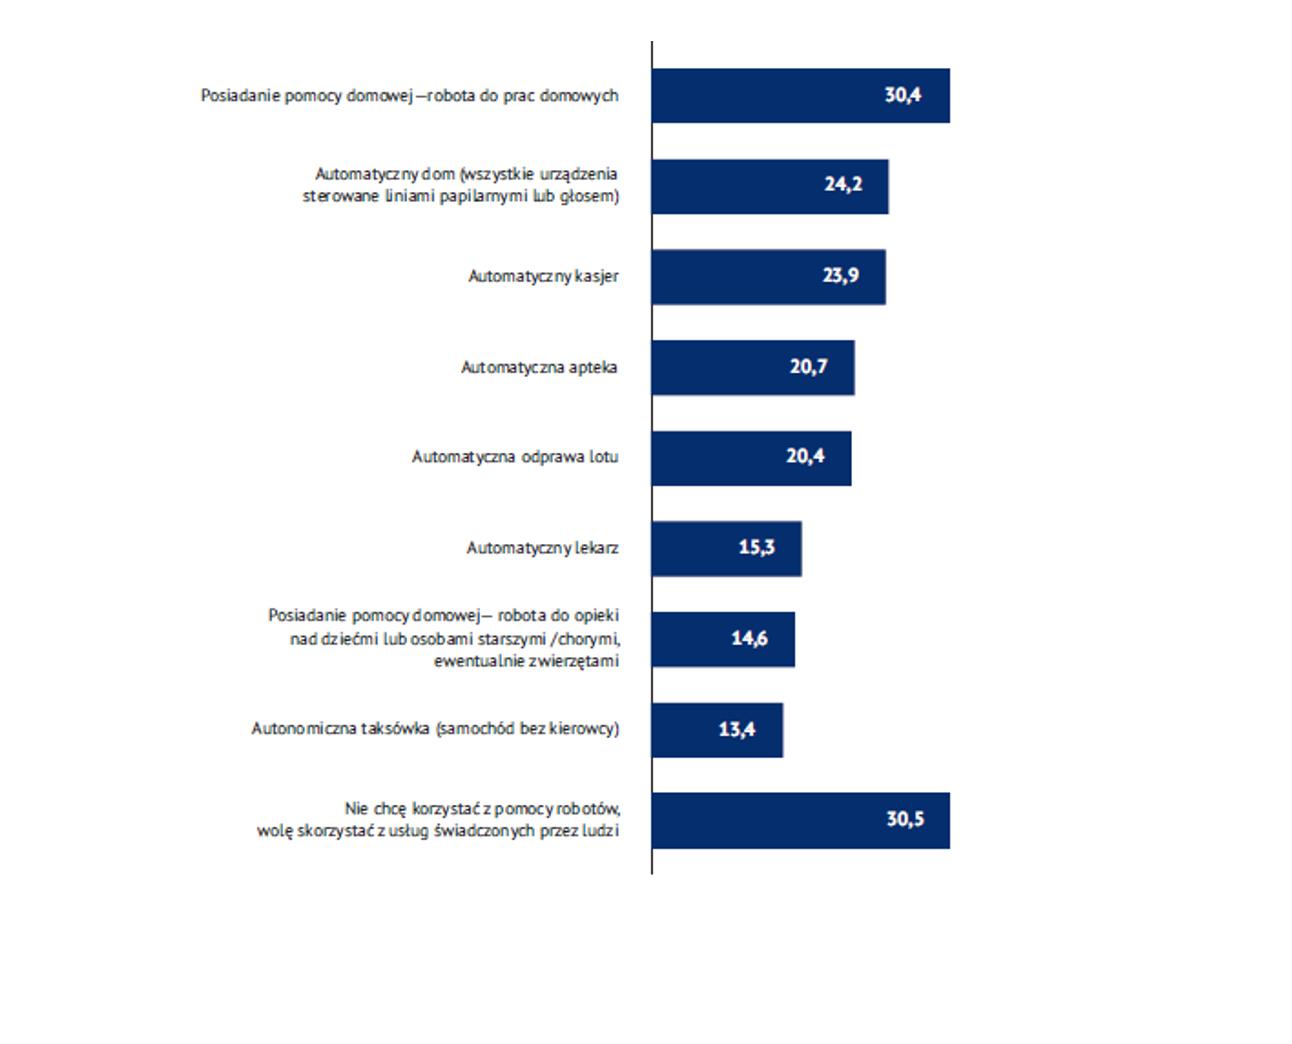 """źródło: """"Czy sztuczna inteligencja wygra z człowiekiem? Raport Programu Cyfrowej Odpowiedzialności Biznesu""""."""